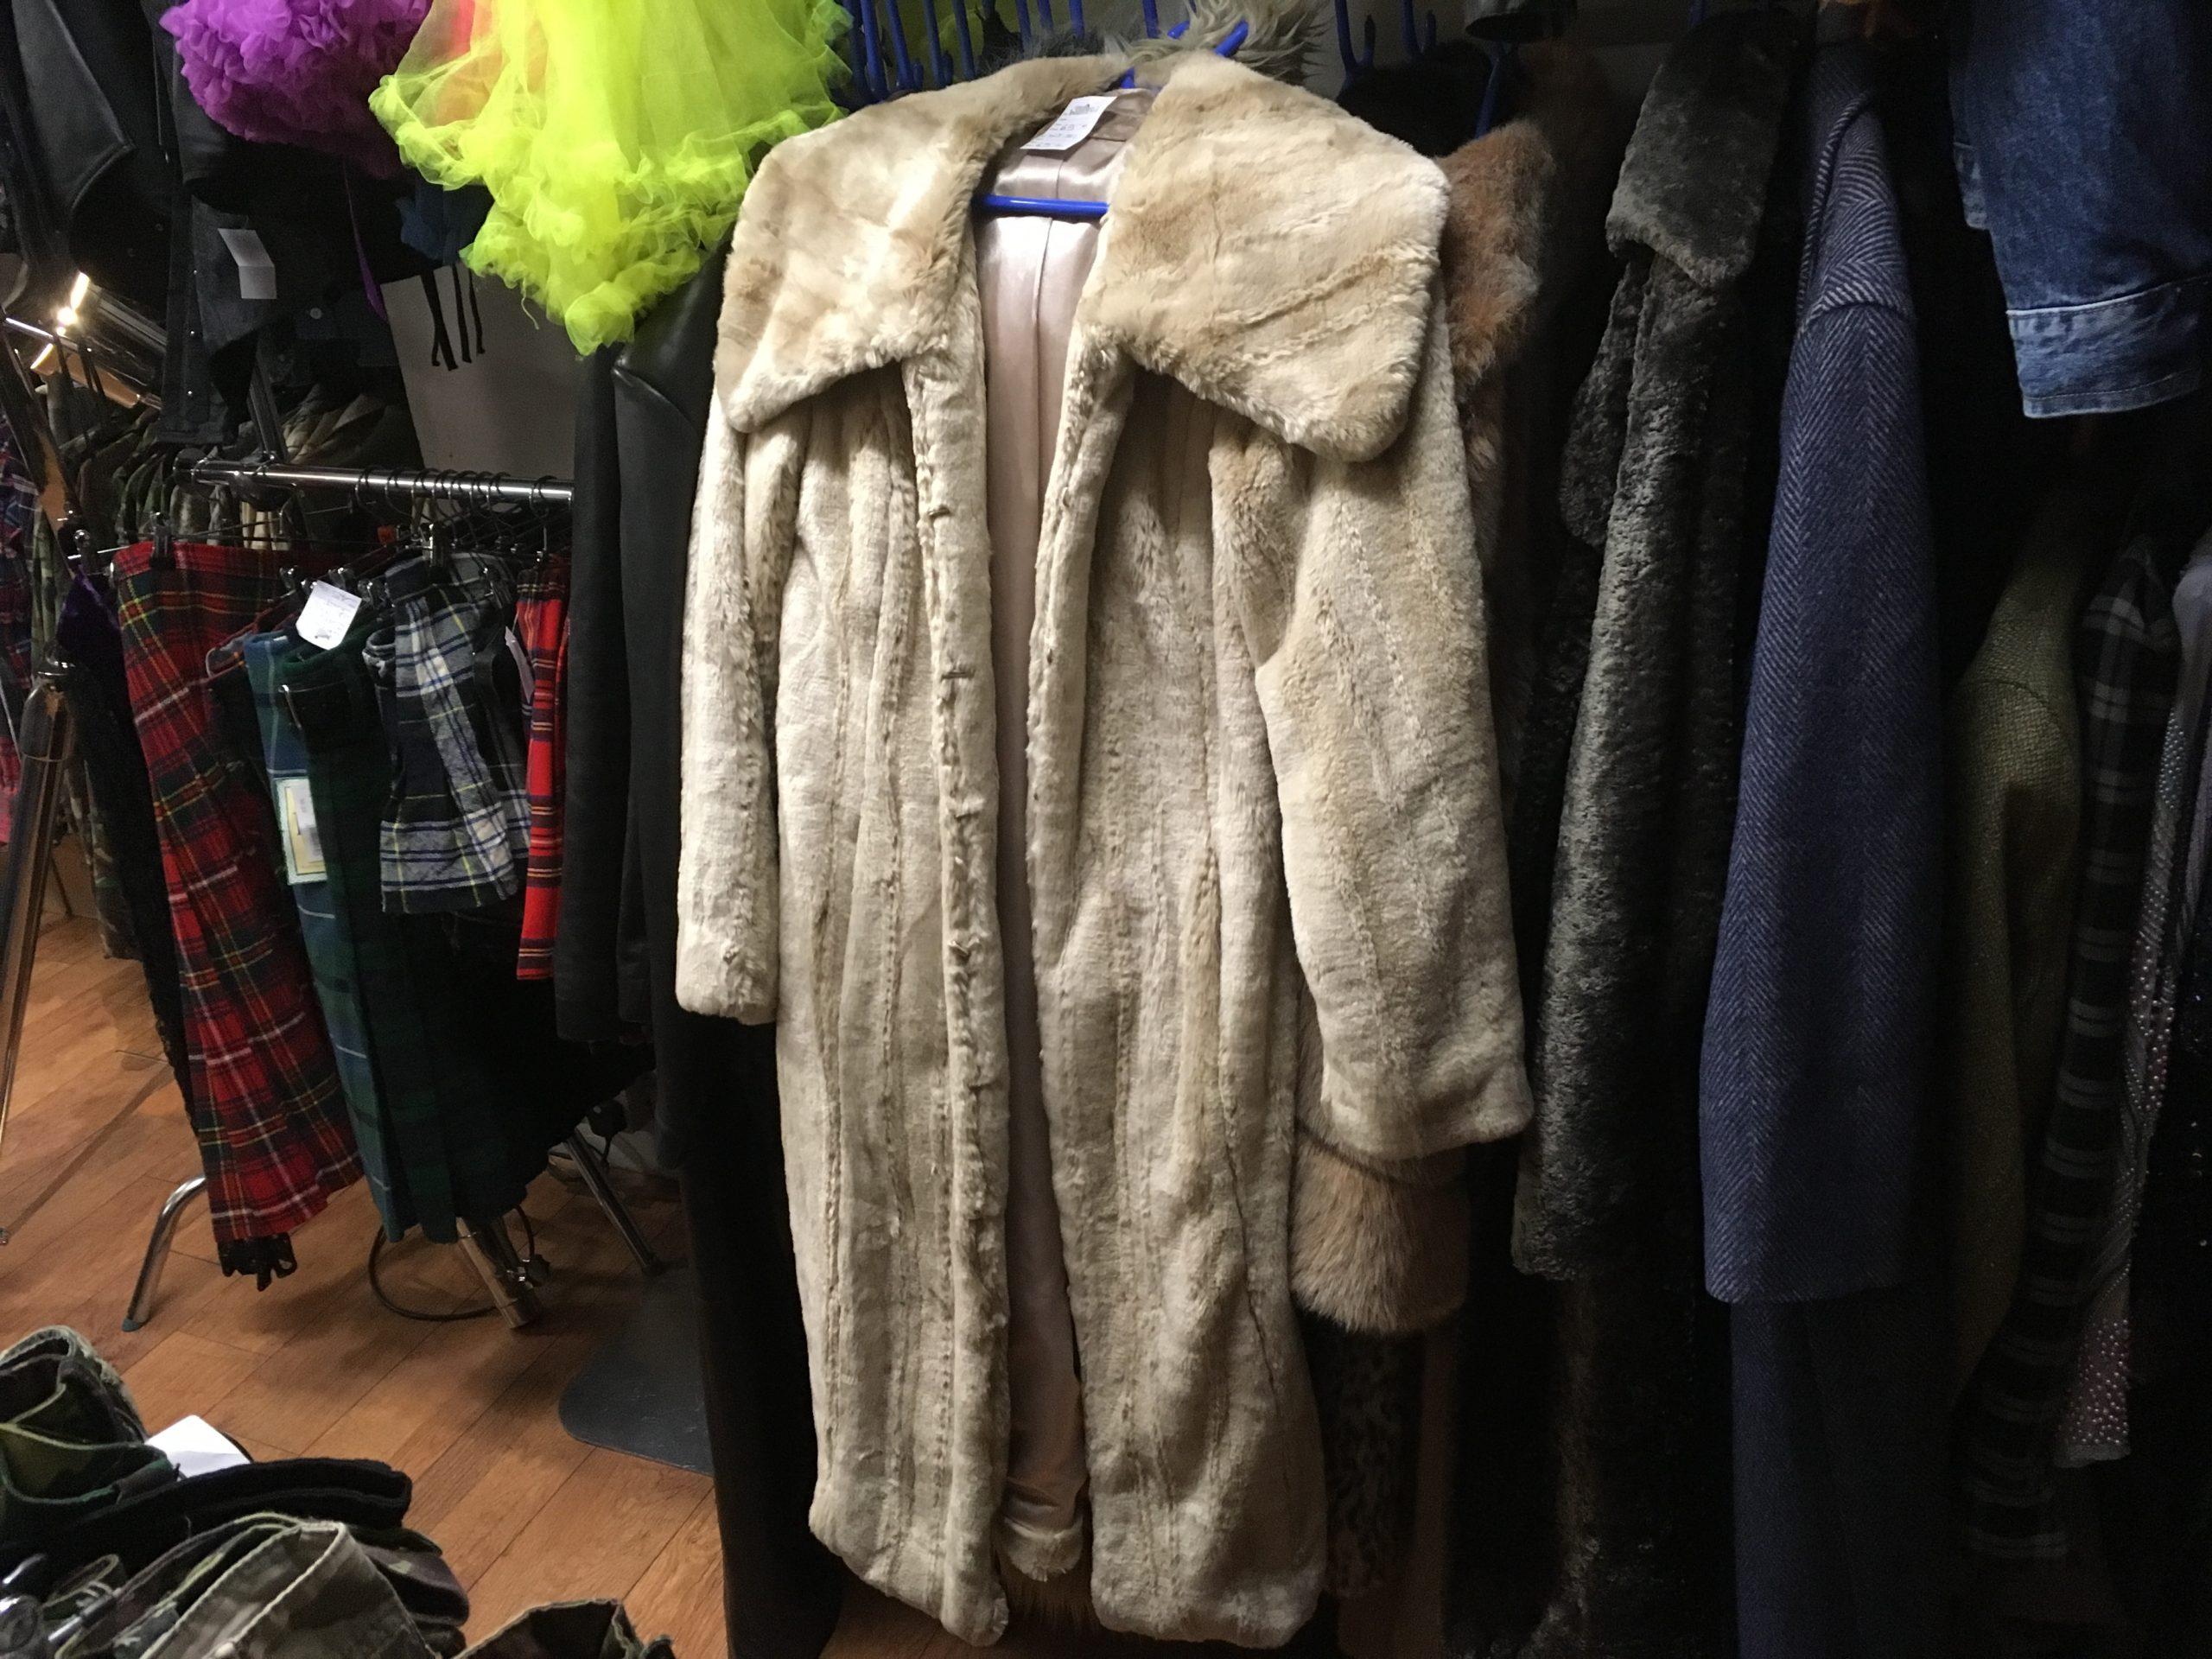 Faux fur coat on a hanger